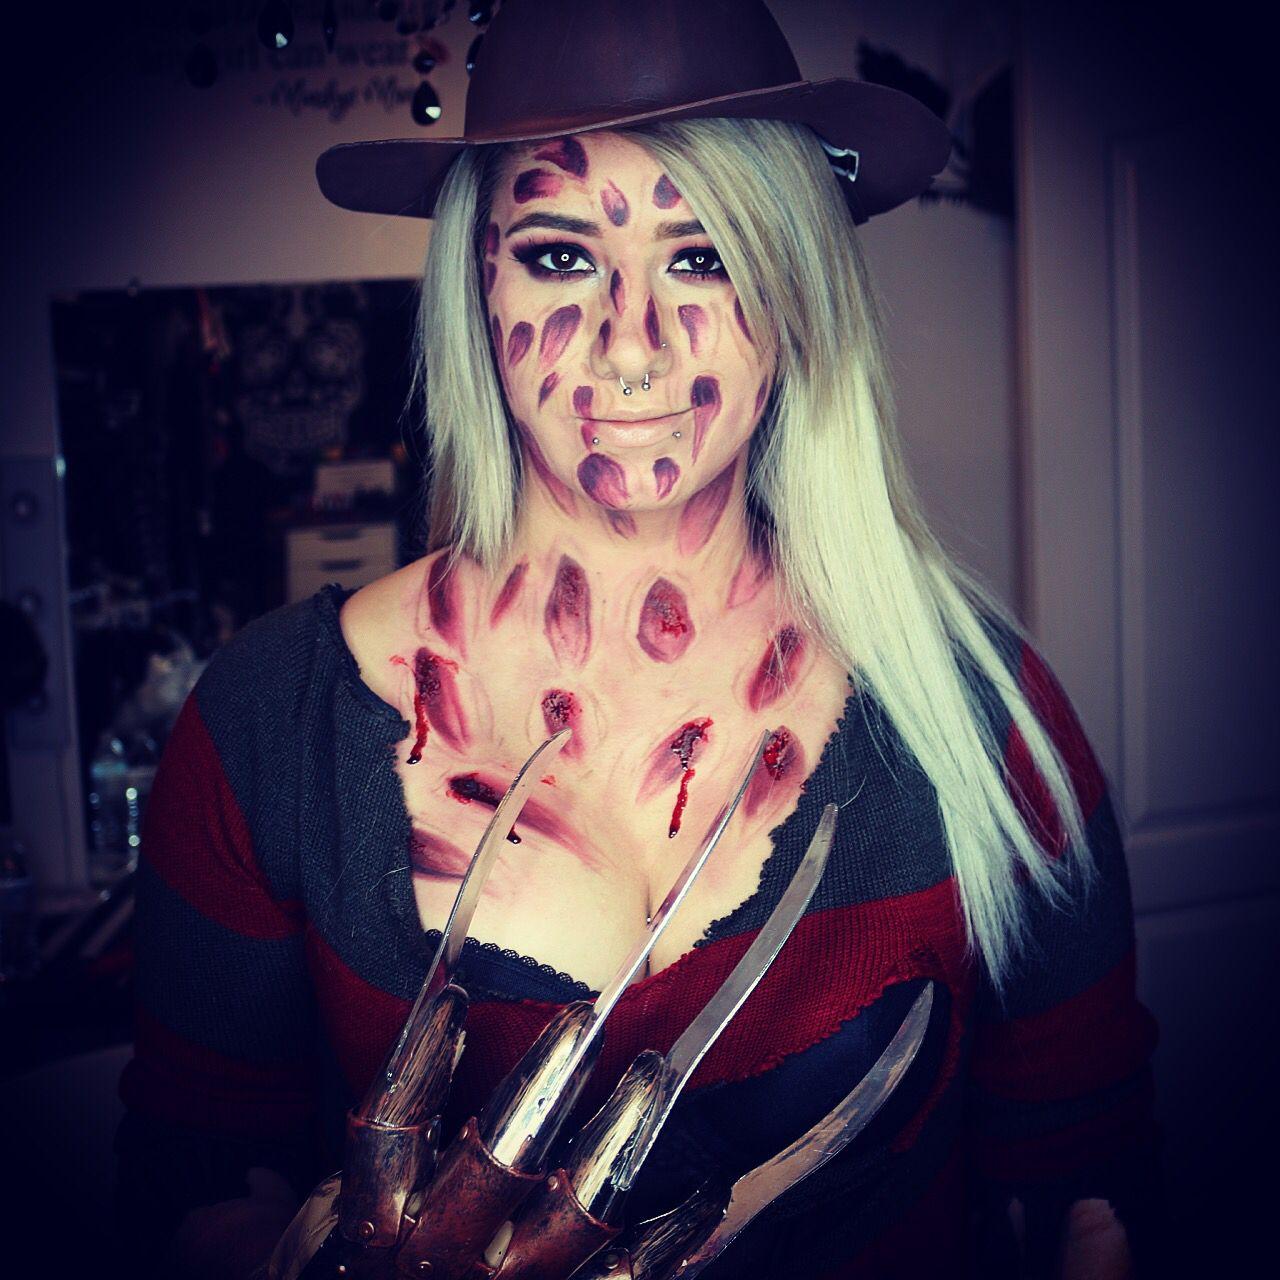 Freddy Krueger special effects makeup Halloween ideas monster ...